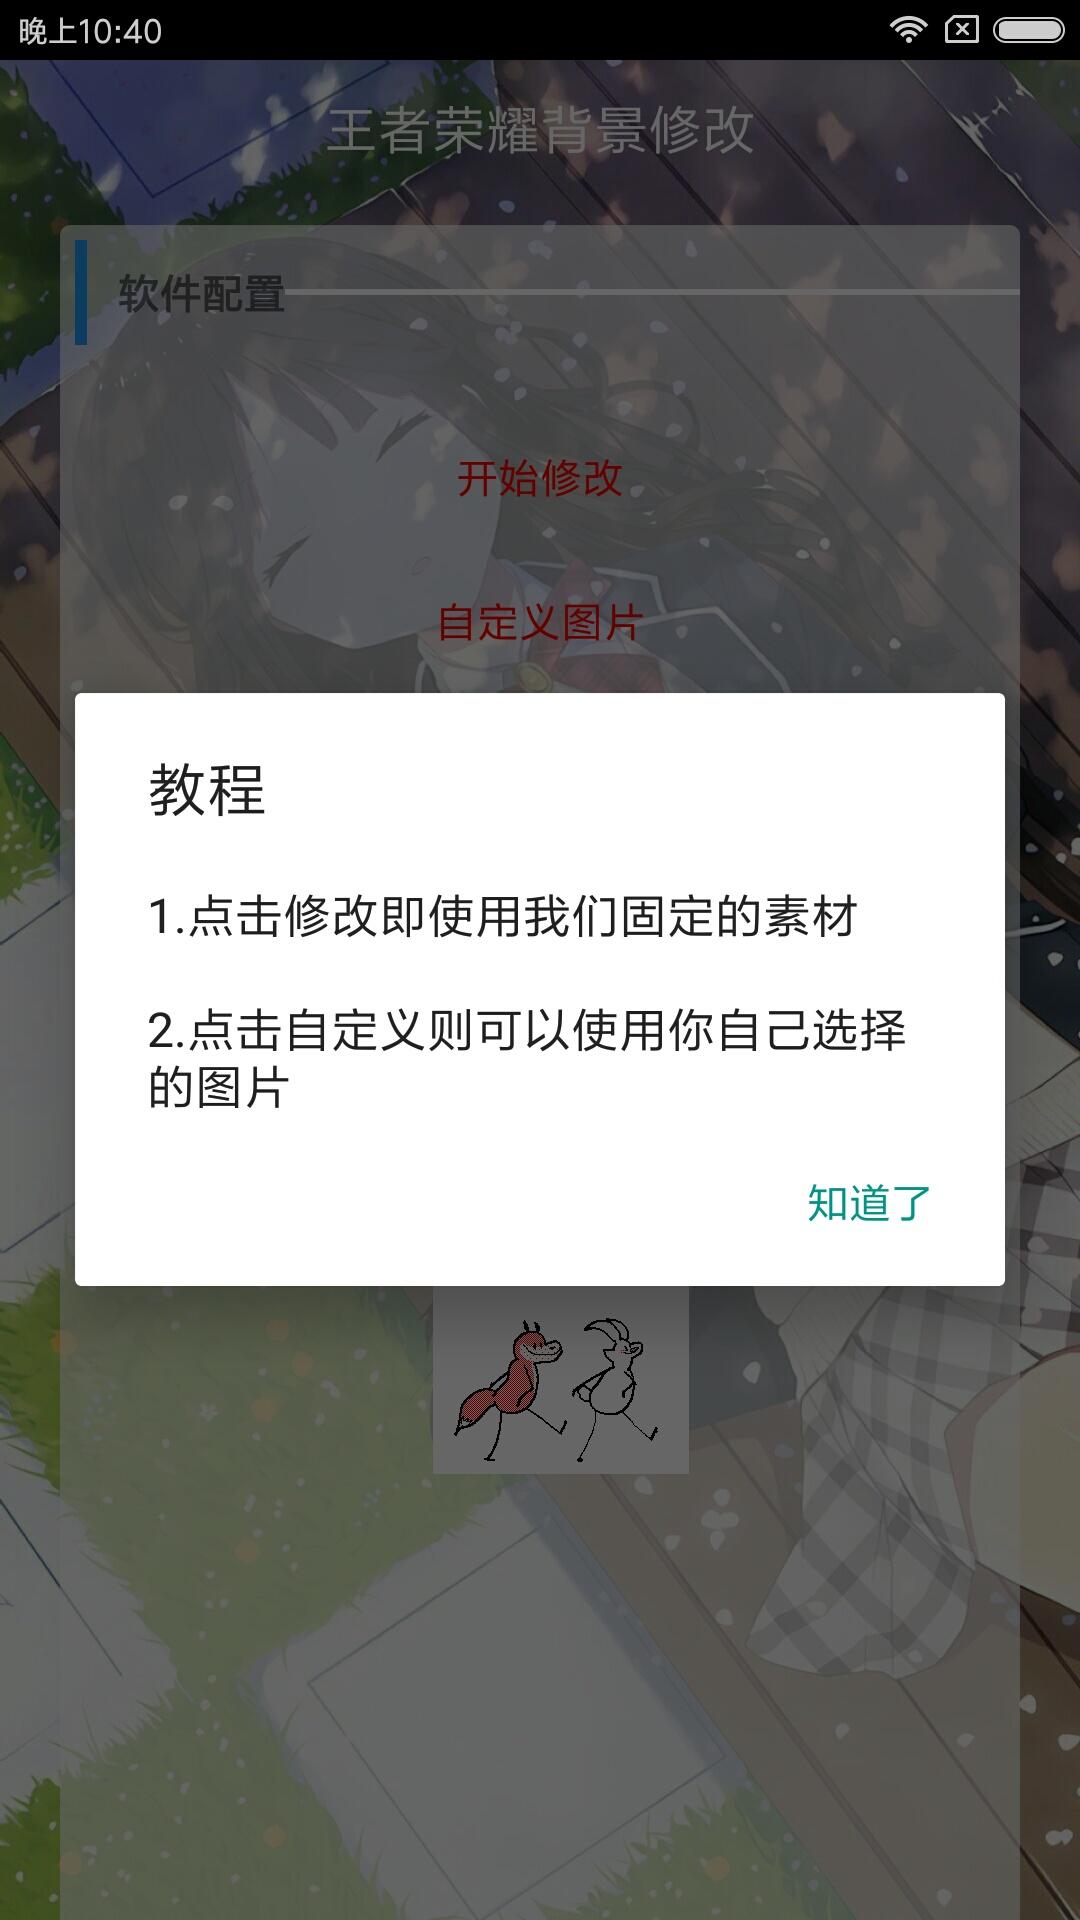 最新王者荣耀背景修改器-夜河资源网